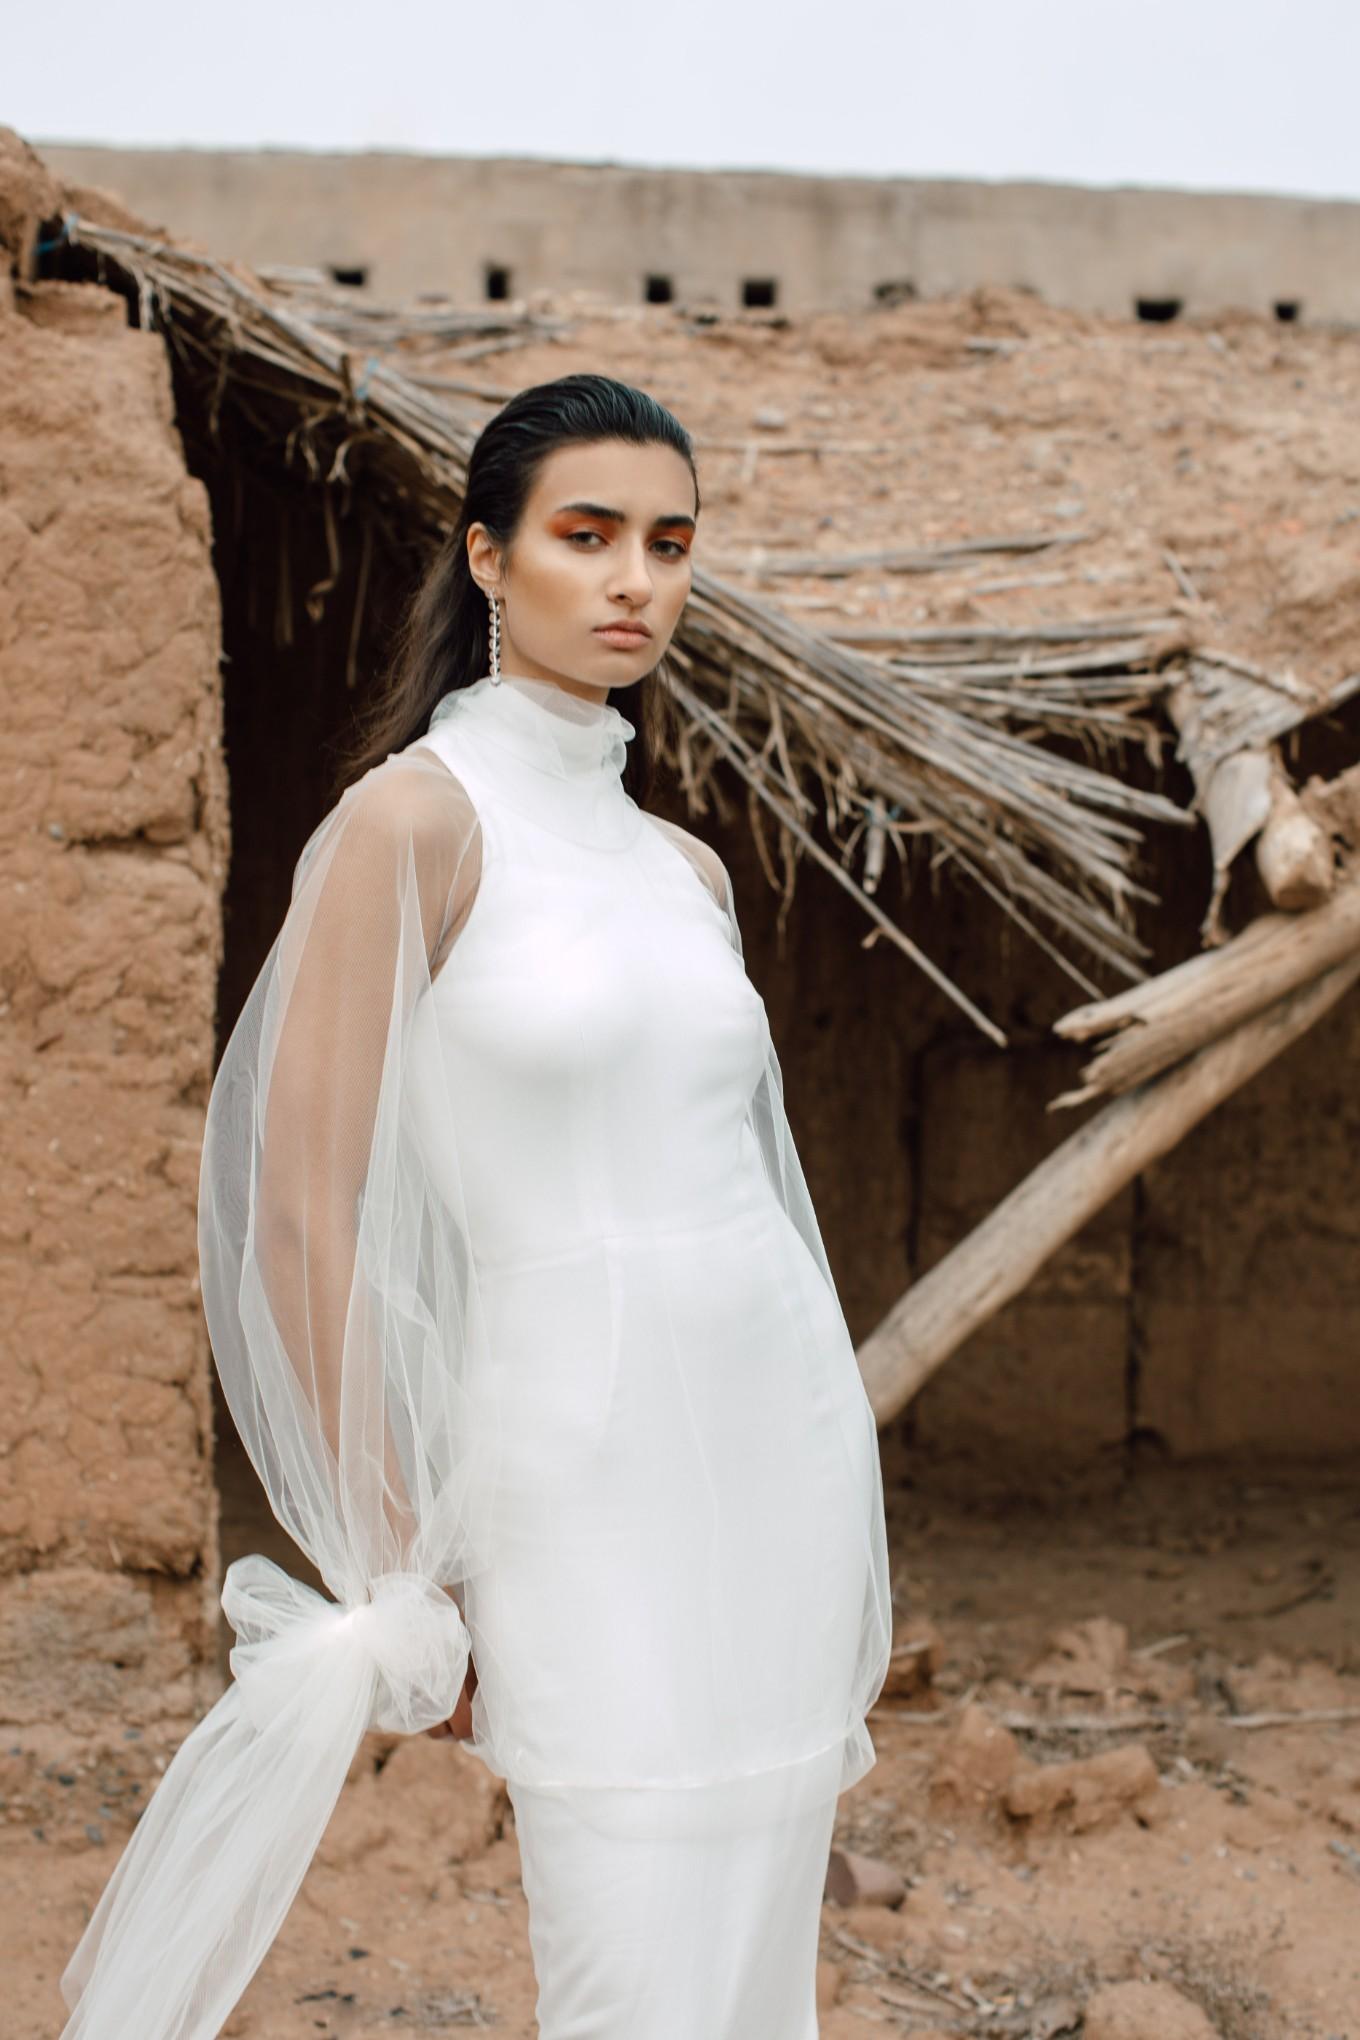 The-Saums-Marrakech-Editorial-29.jpg